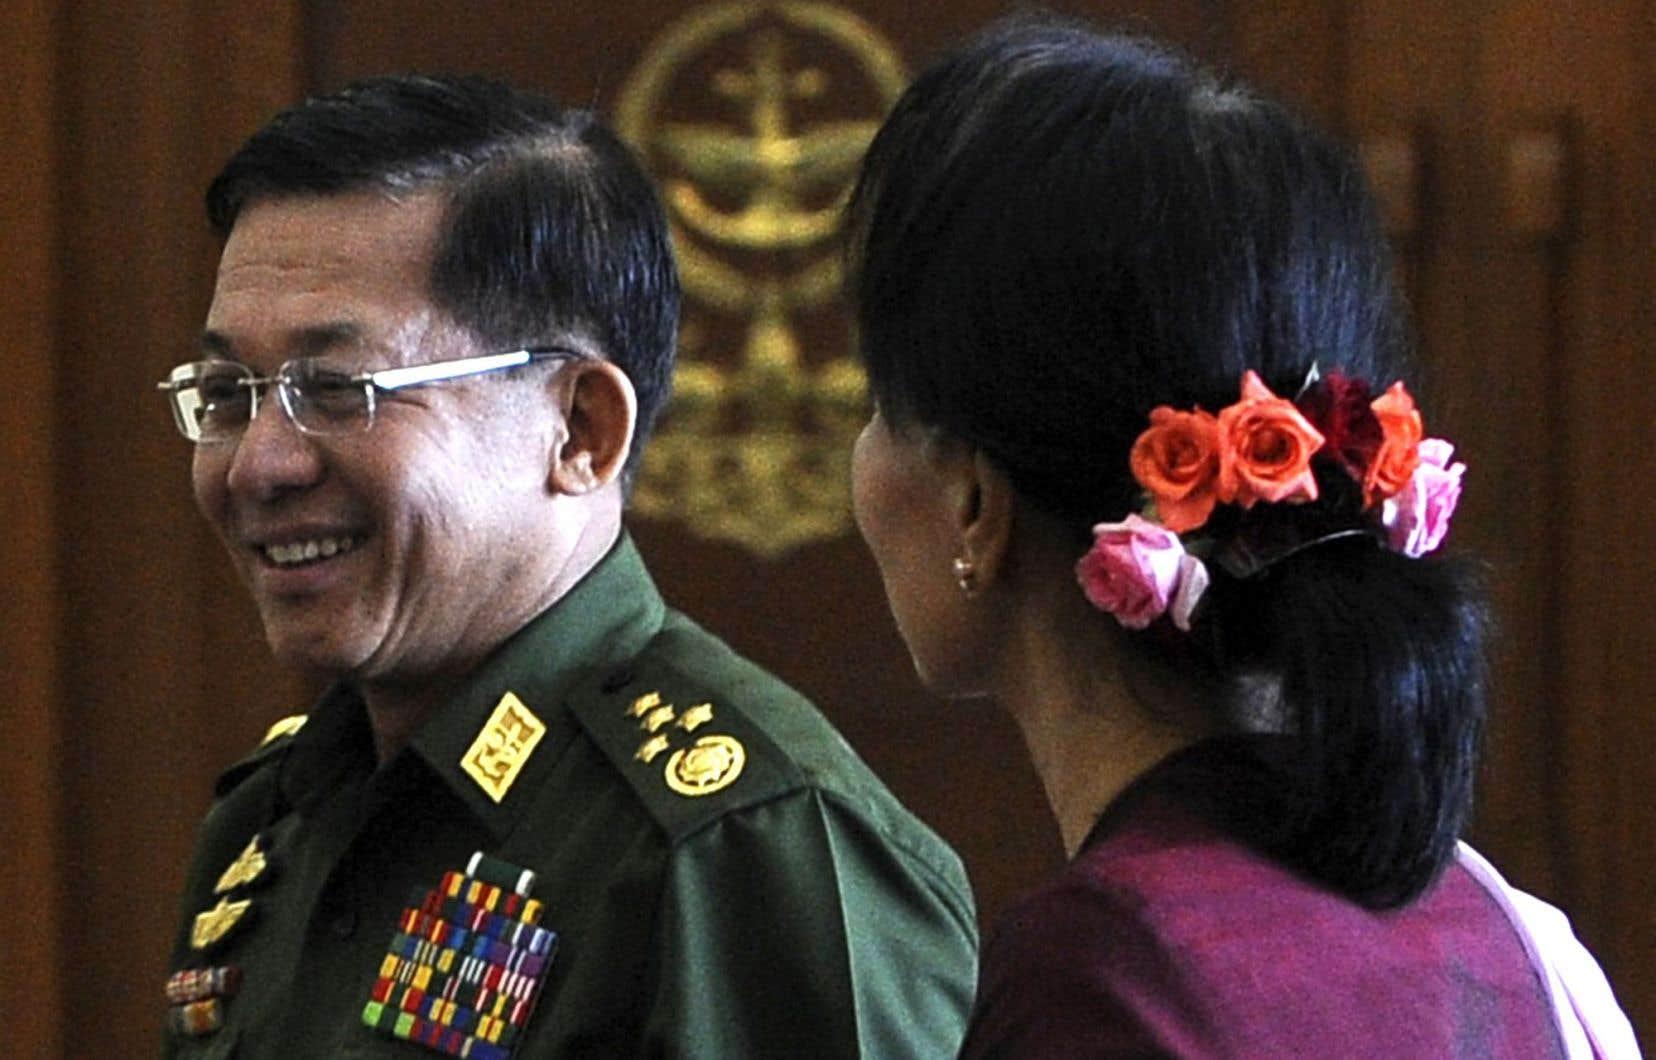 Aung San Suu Kyi a rencontré les deux hommes forts du régime mercredi, dont le chef des armées, une première.